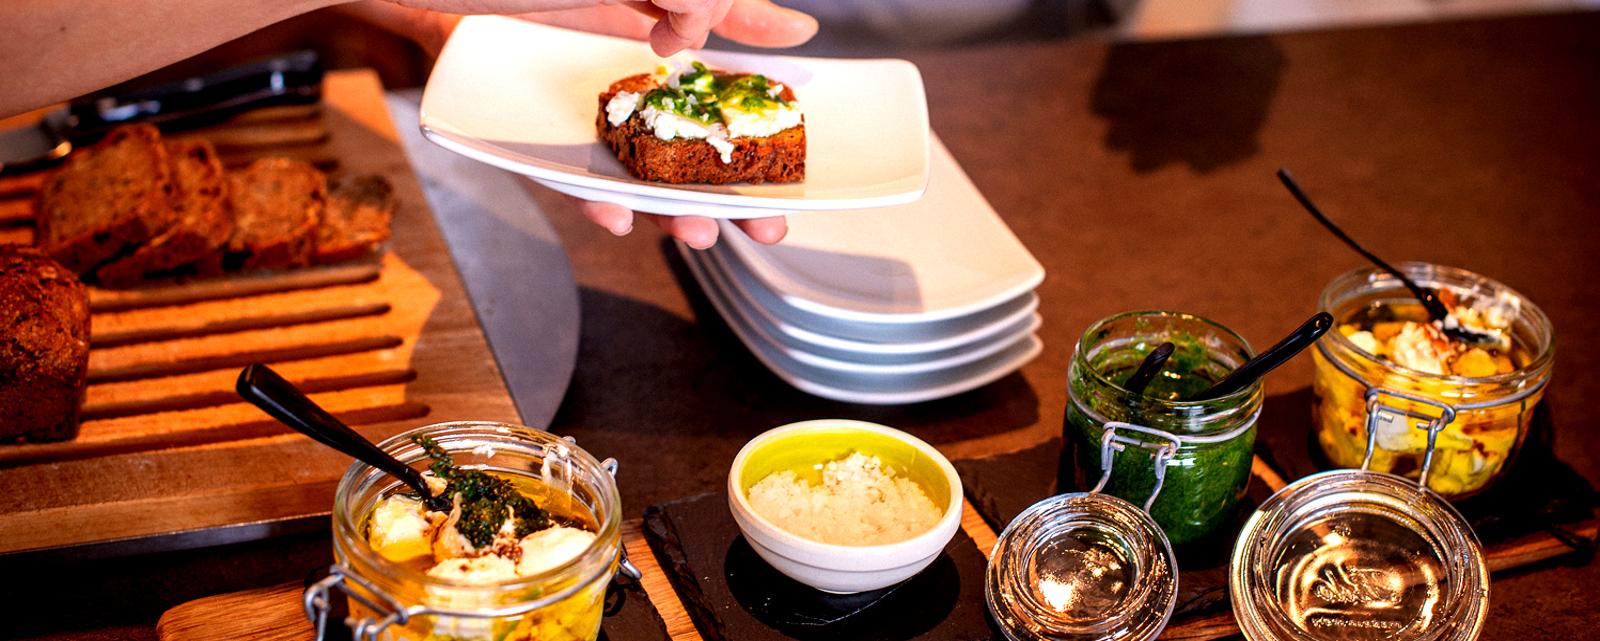 vegetarische Kochschule Sana e Salva